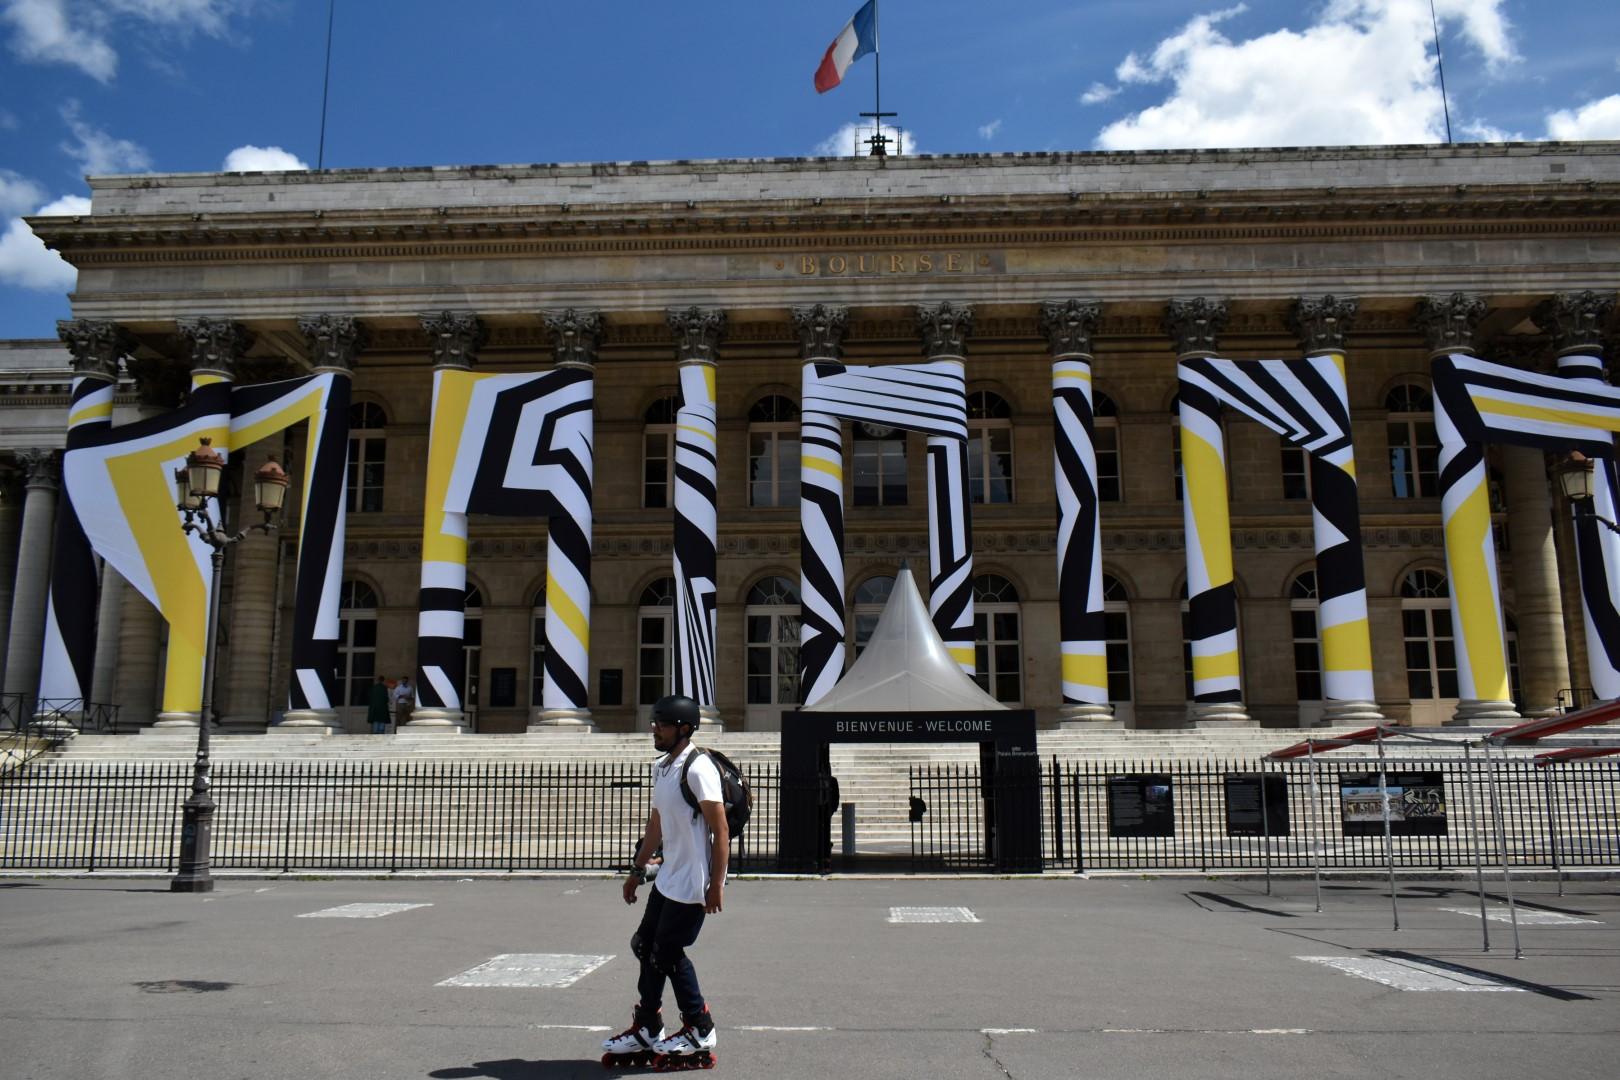 Place de la Bourse, Paris